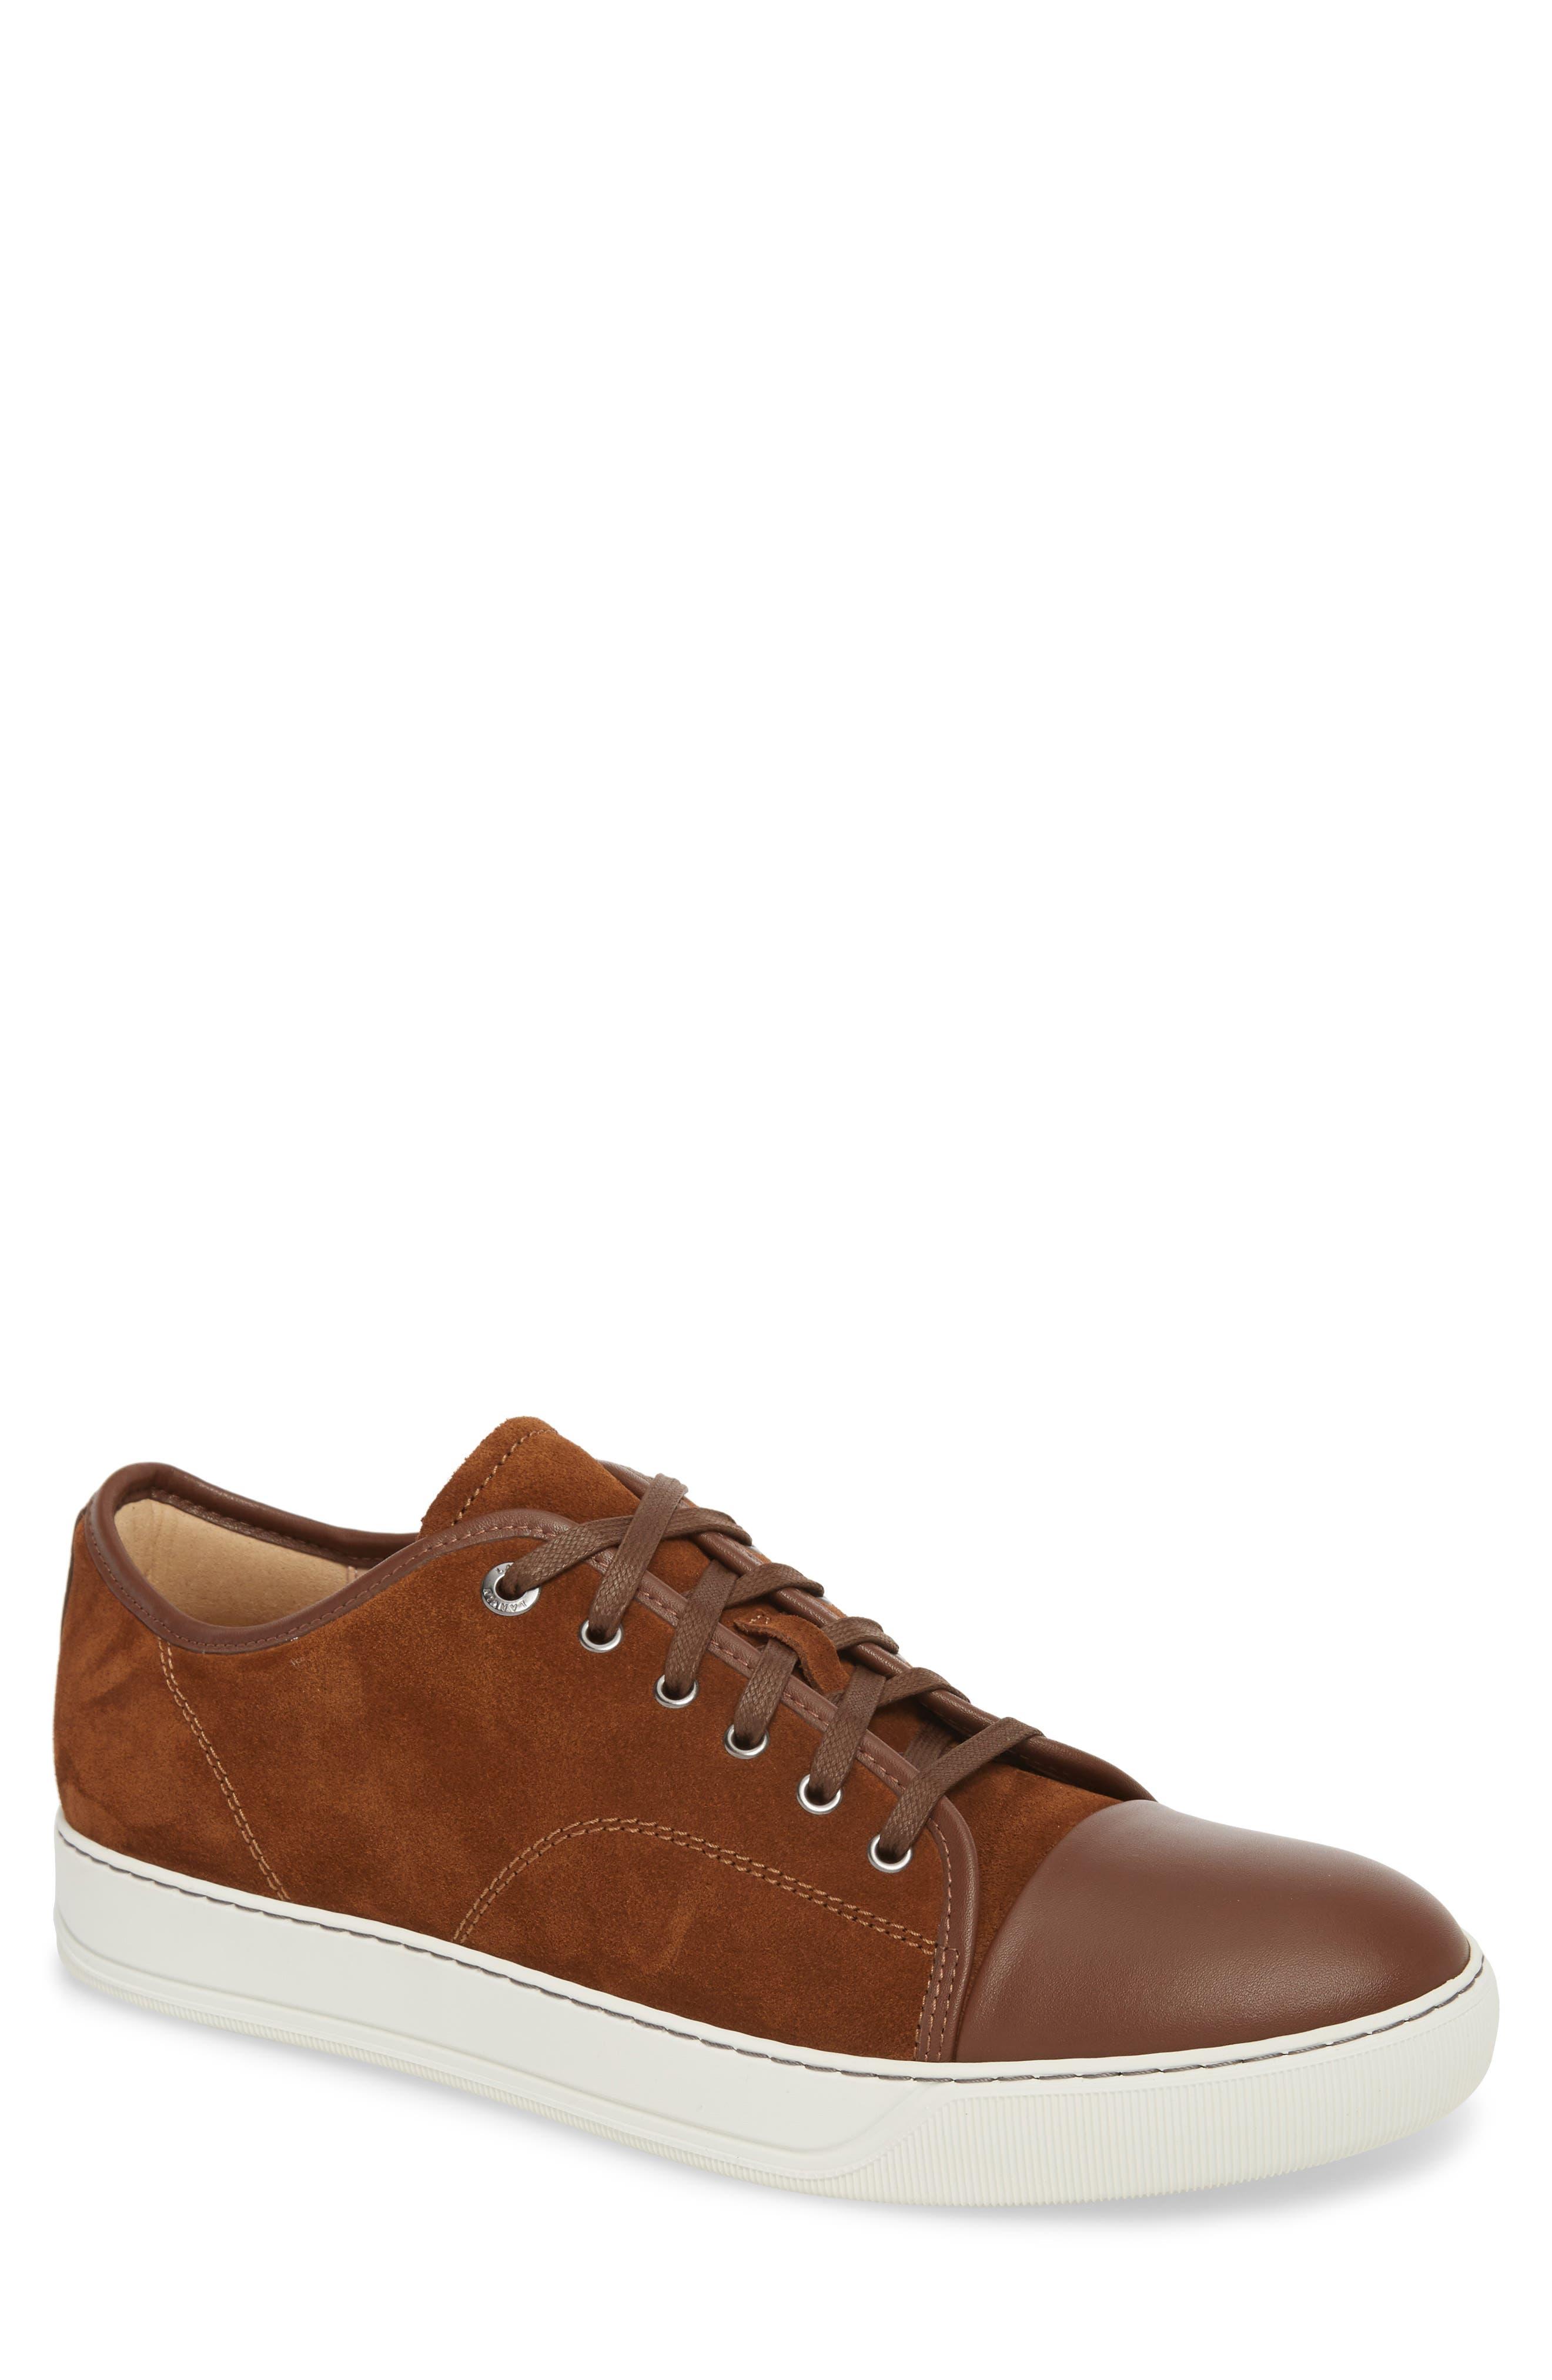 Low Top Sneaker,                         Main,                         color, LIGHT BROWN